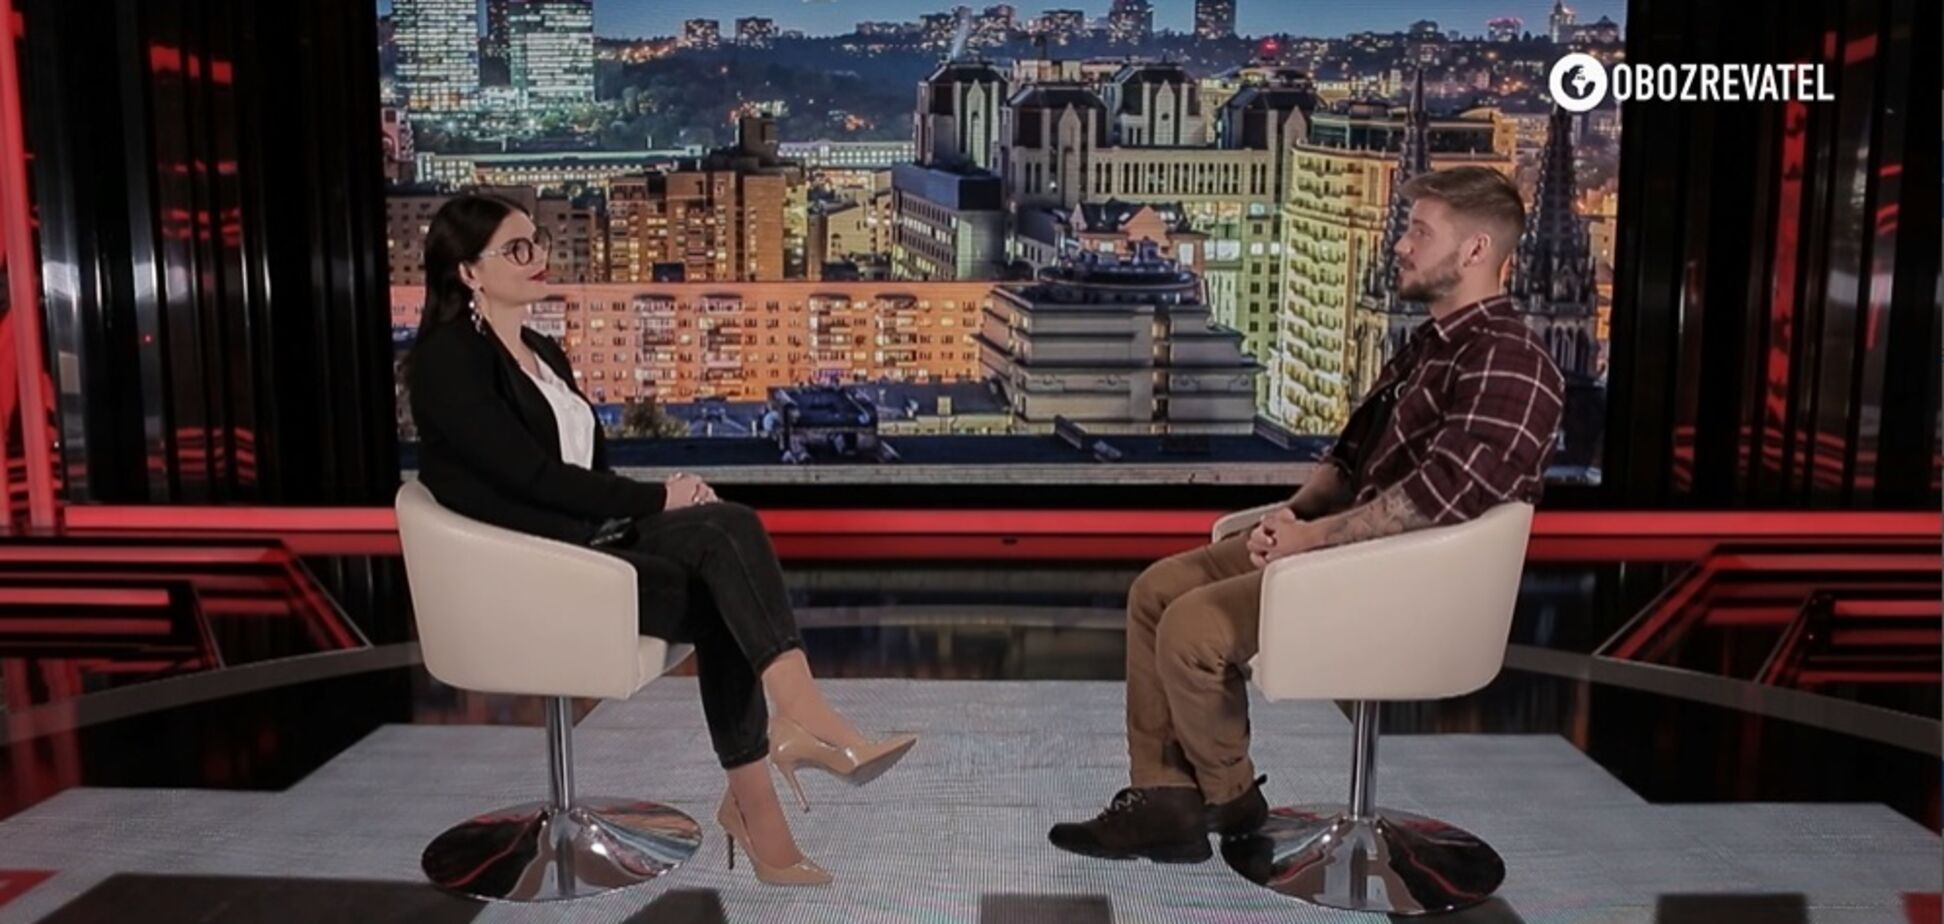 Ананьев рассказал о предателях в ВСУ: премьера программы OBOZREVATEL